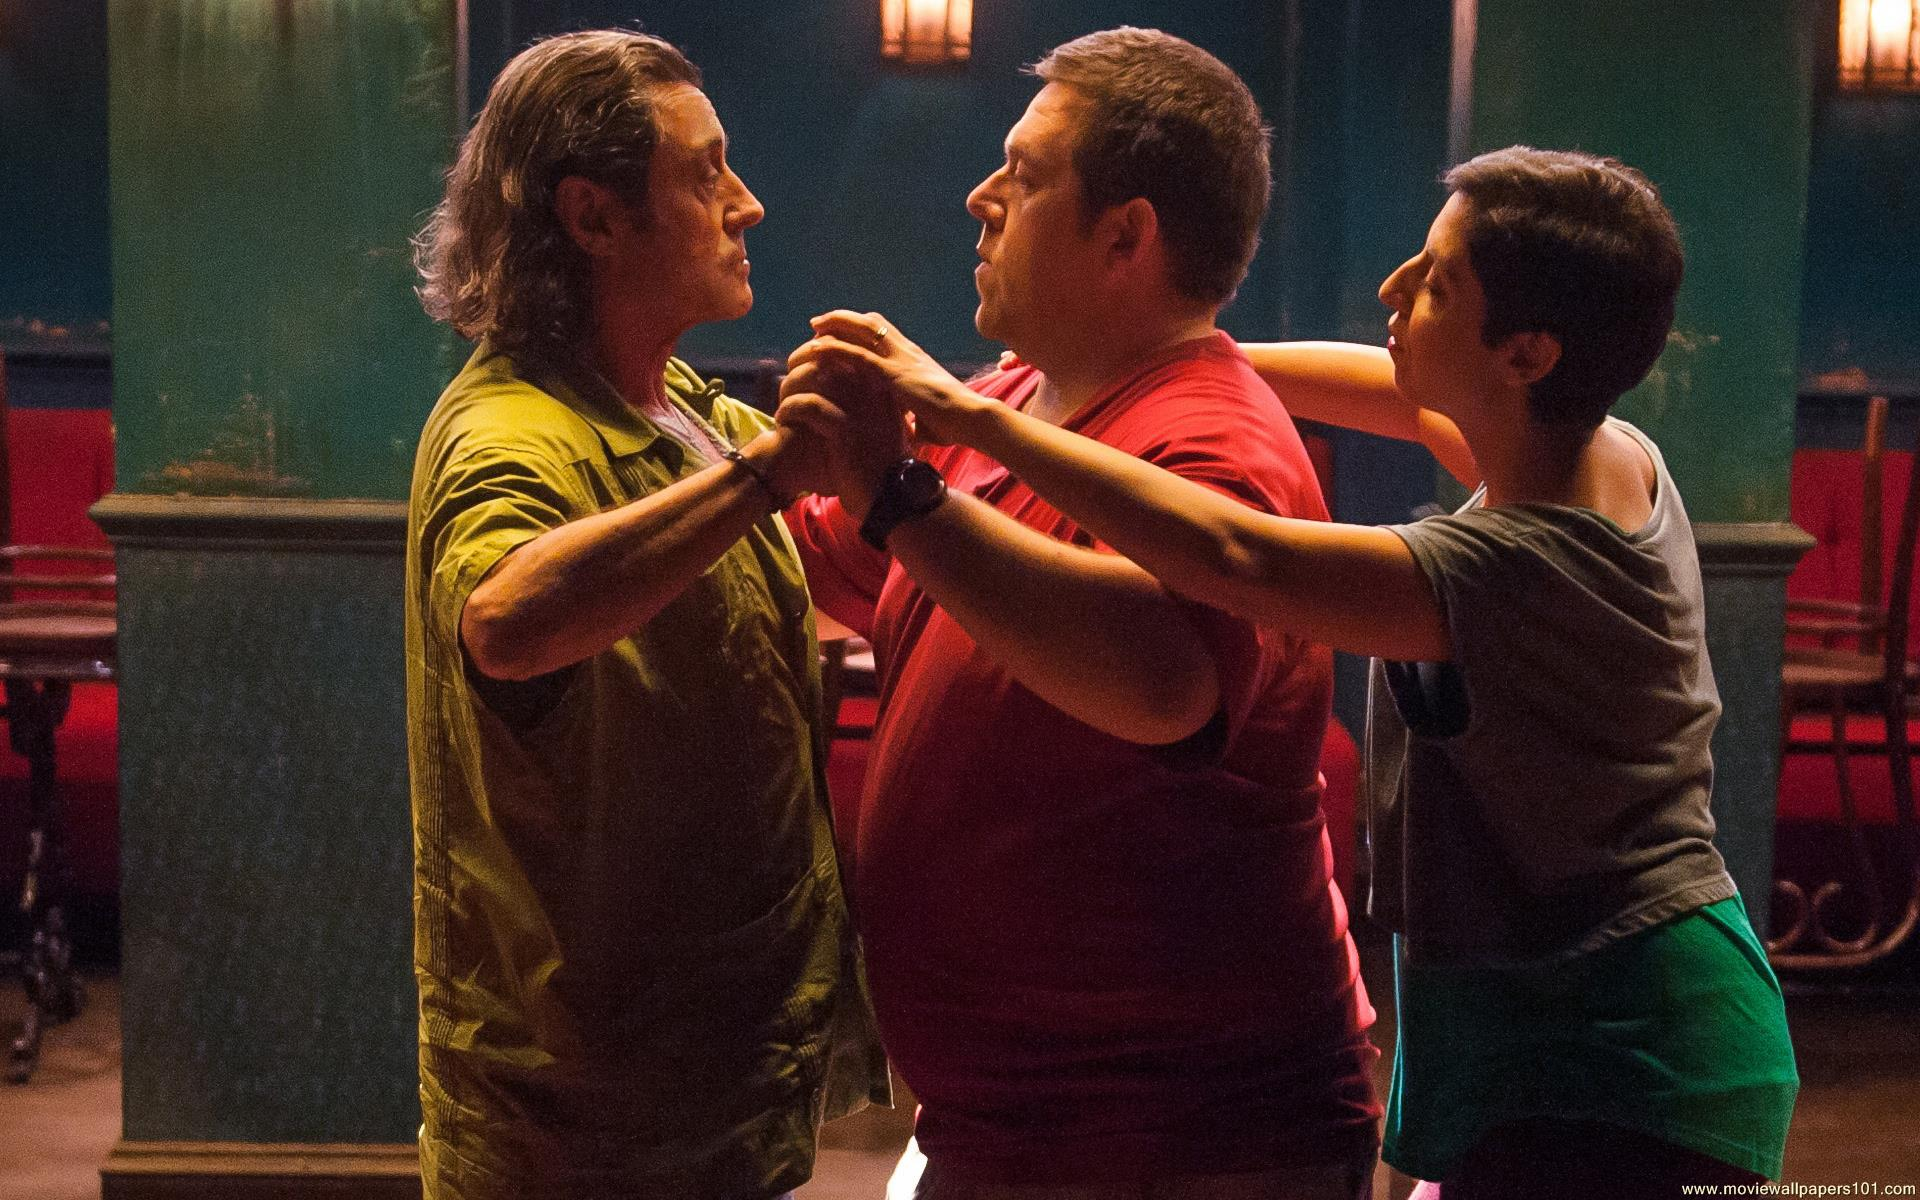 Cuban_Fury_Movie_Wallpaper_9_eyafm